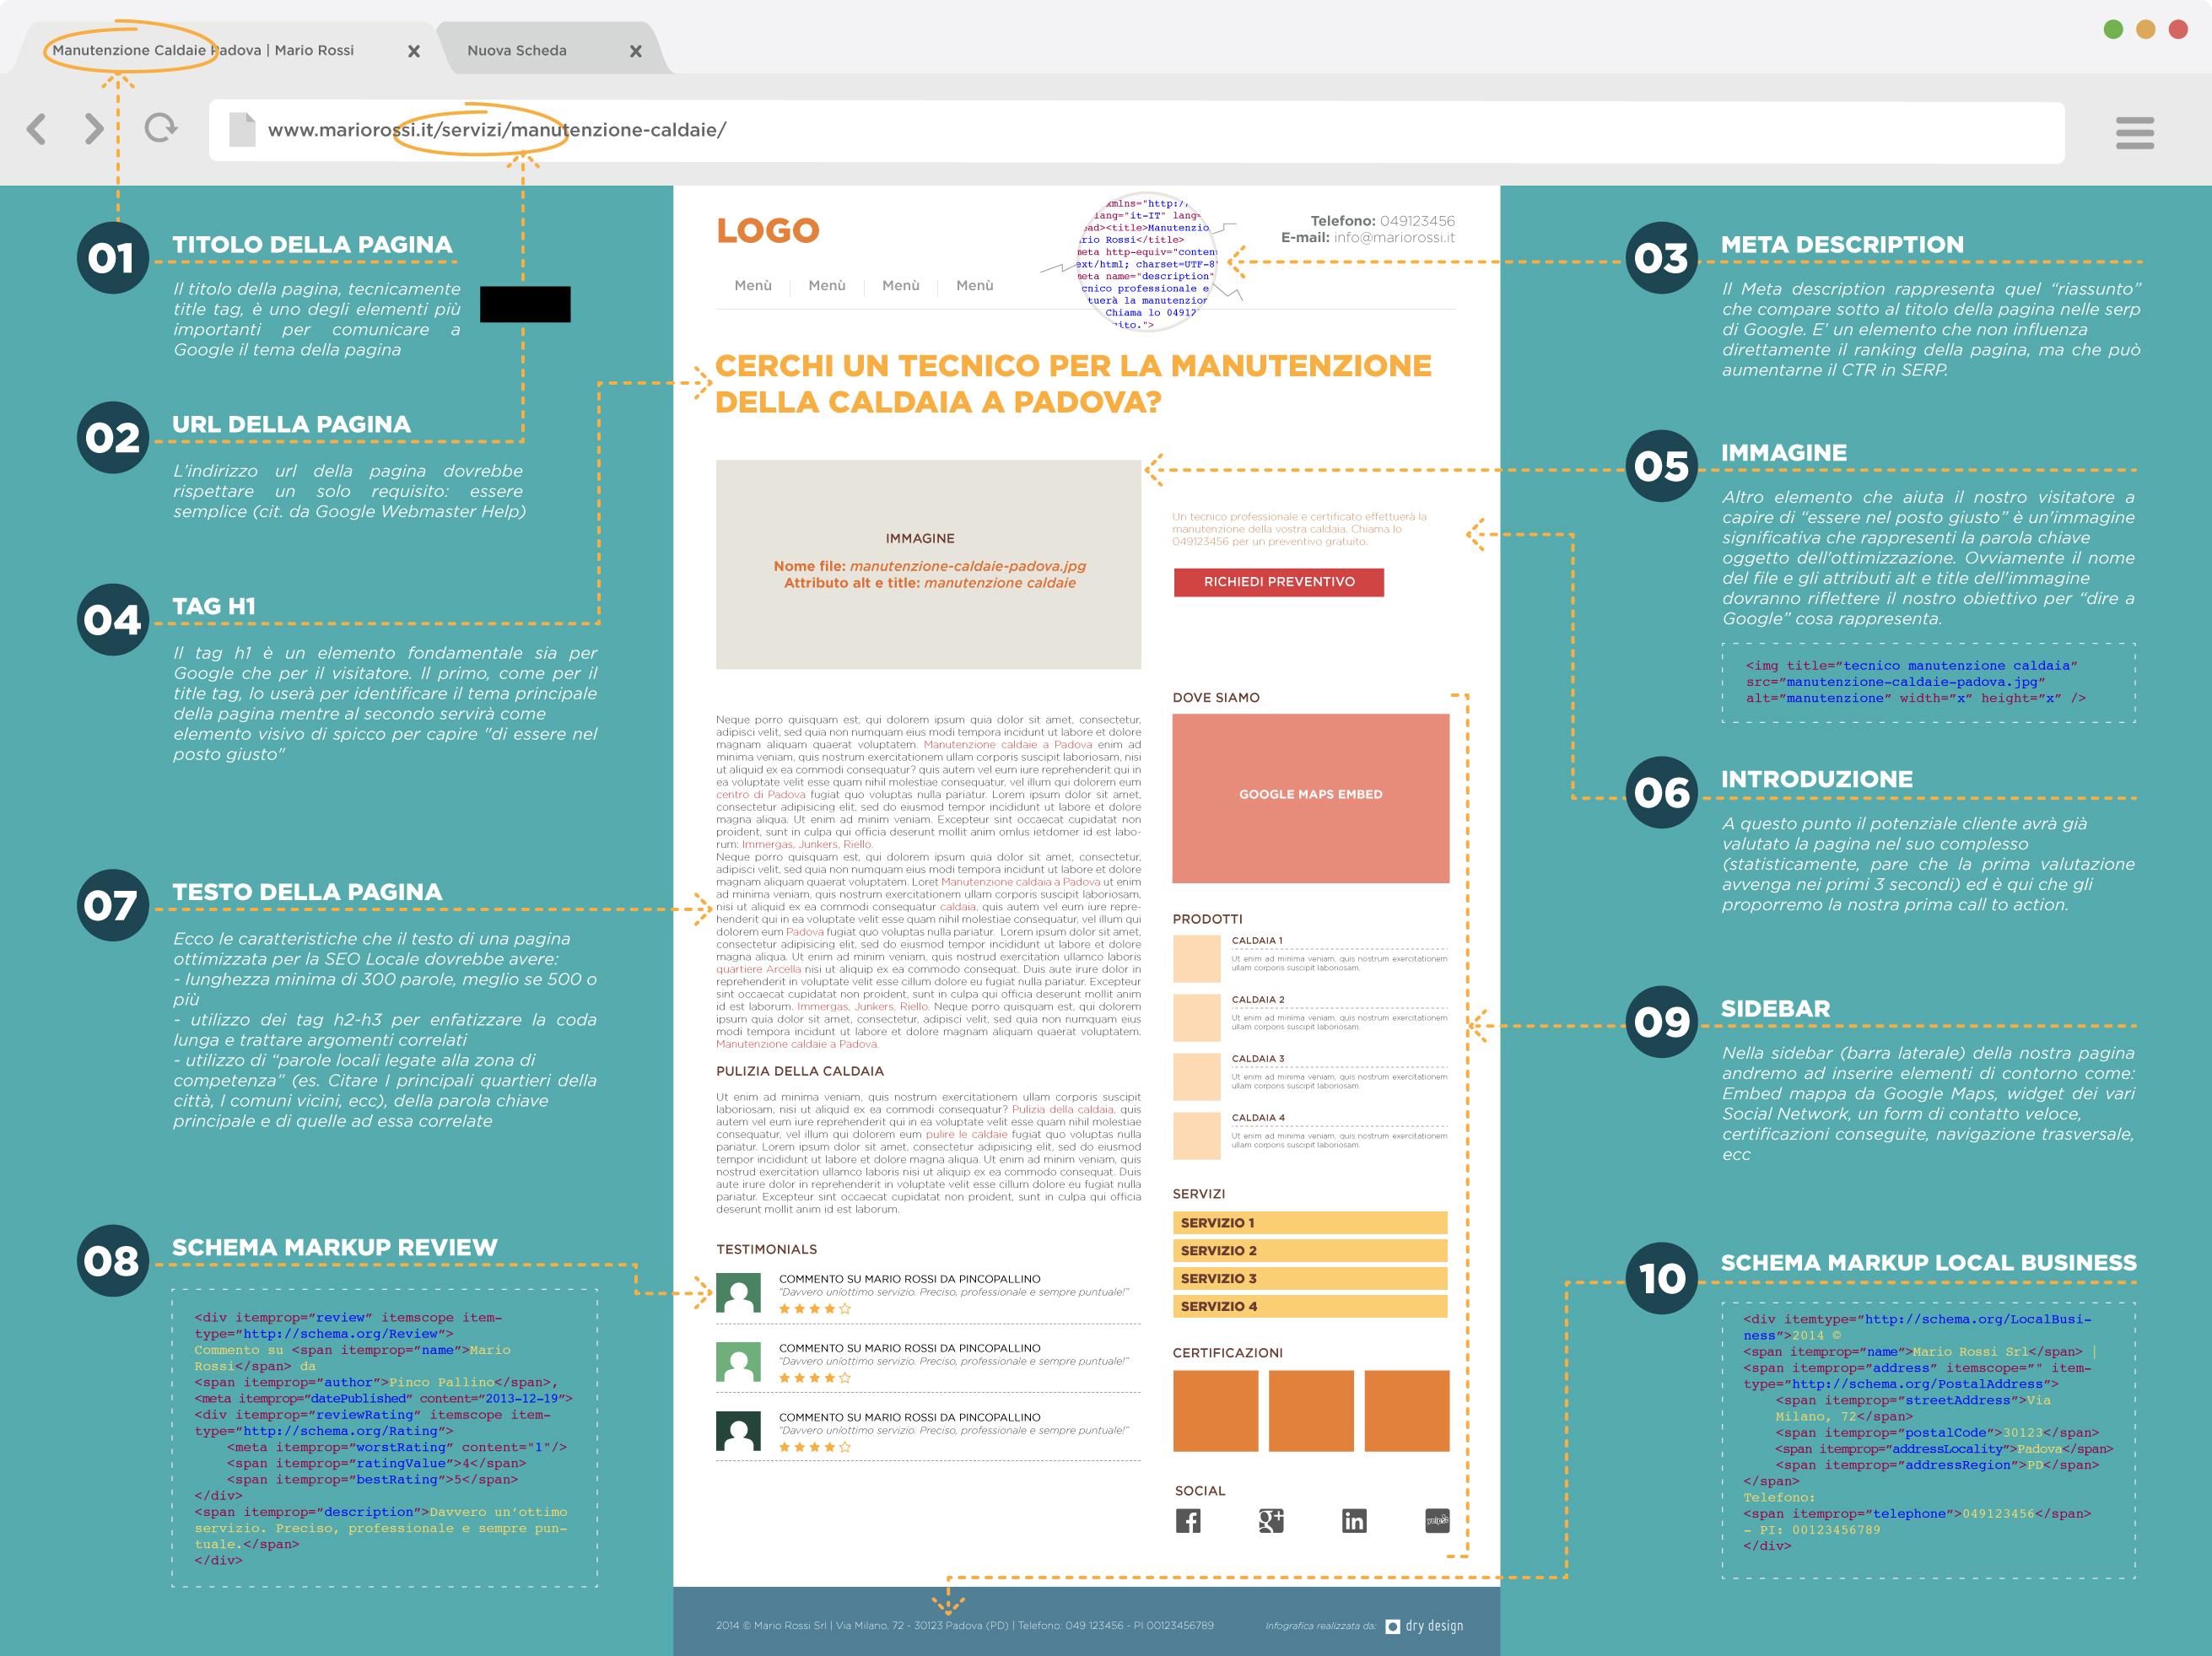 Encantador Sitio Web De La Anatomía Adorno - Anatomía de Las ...